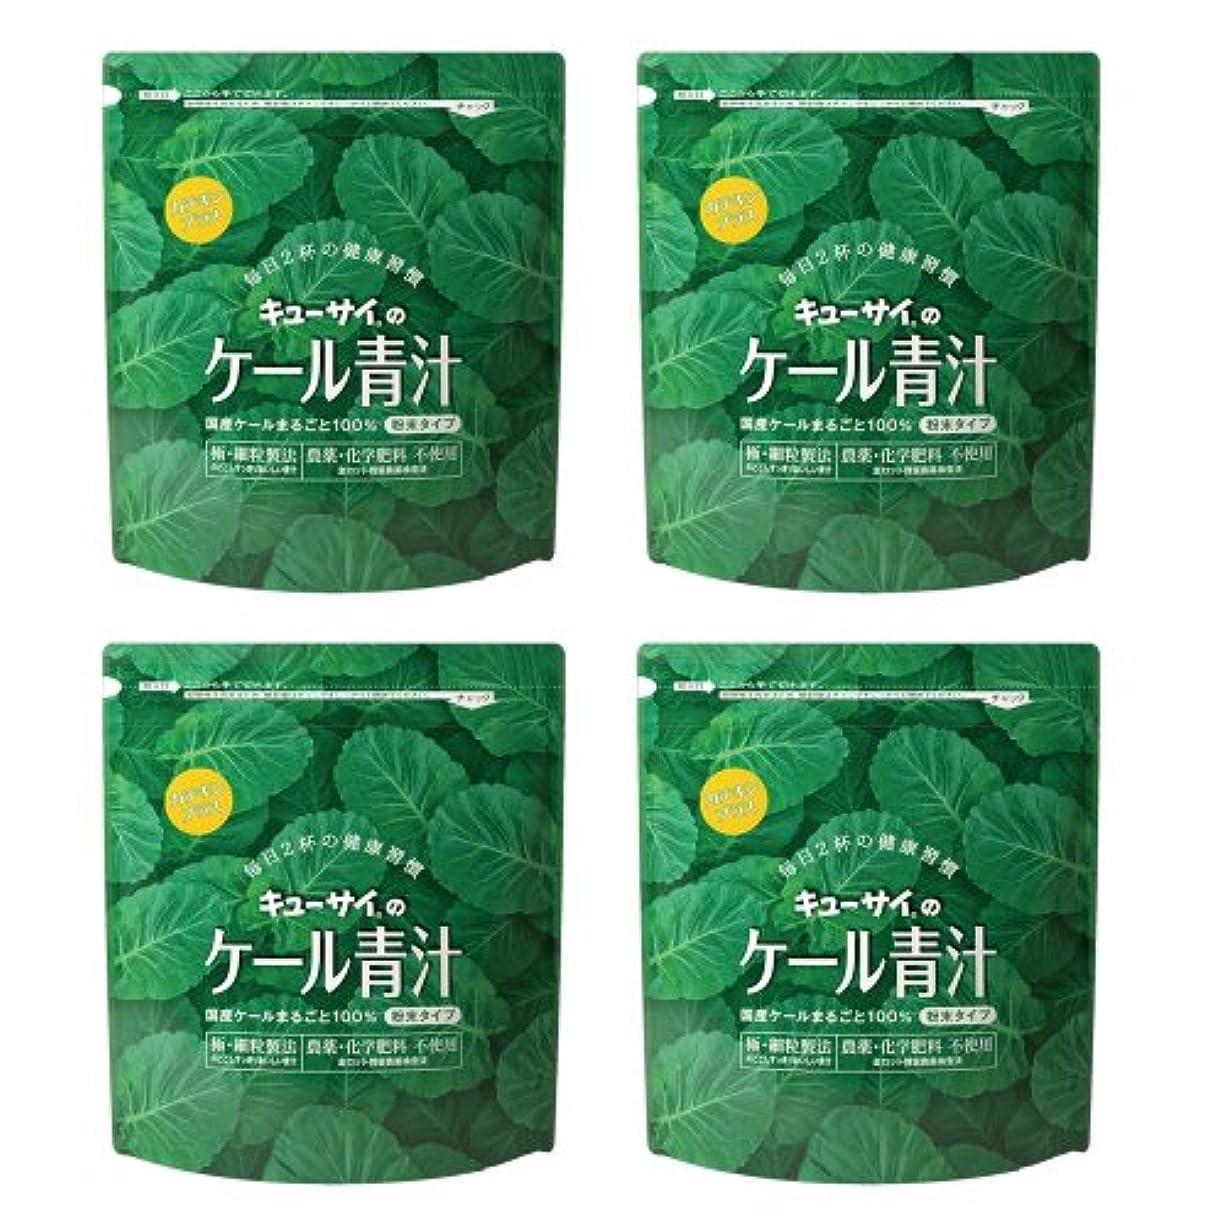 復活させる緩やかな量でキューサイ青汁カテキンプラス420g(粉末タイプ)4袋まとめ買い【1袋420g(約1カ月分)】